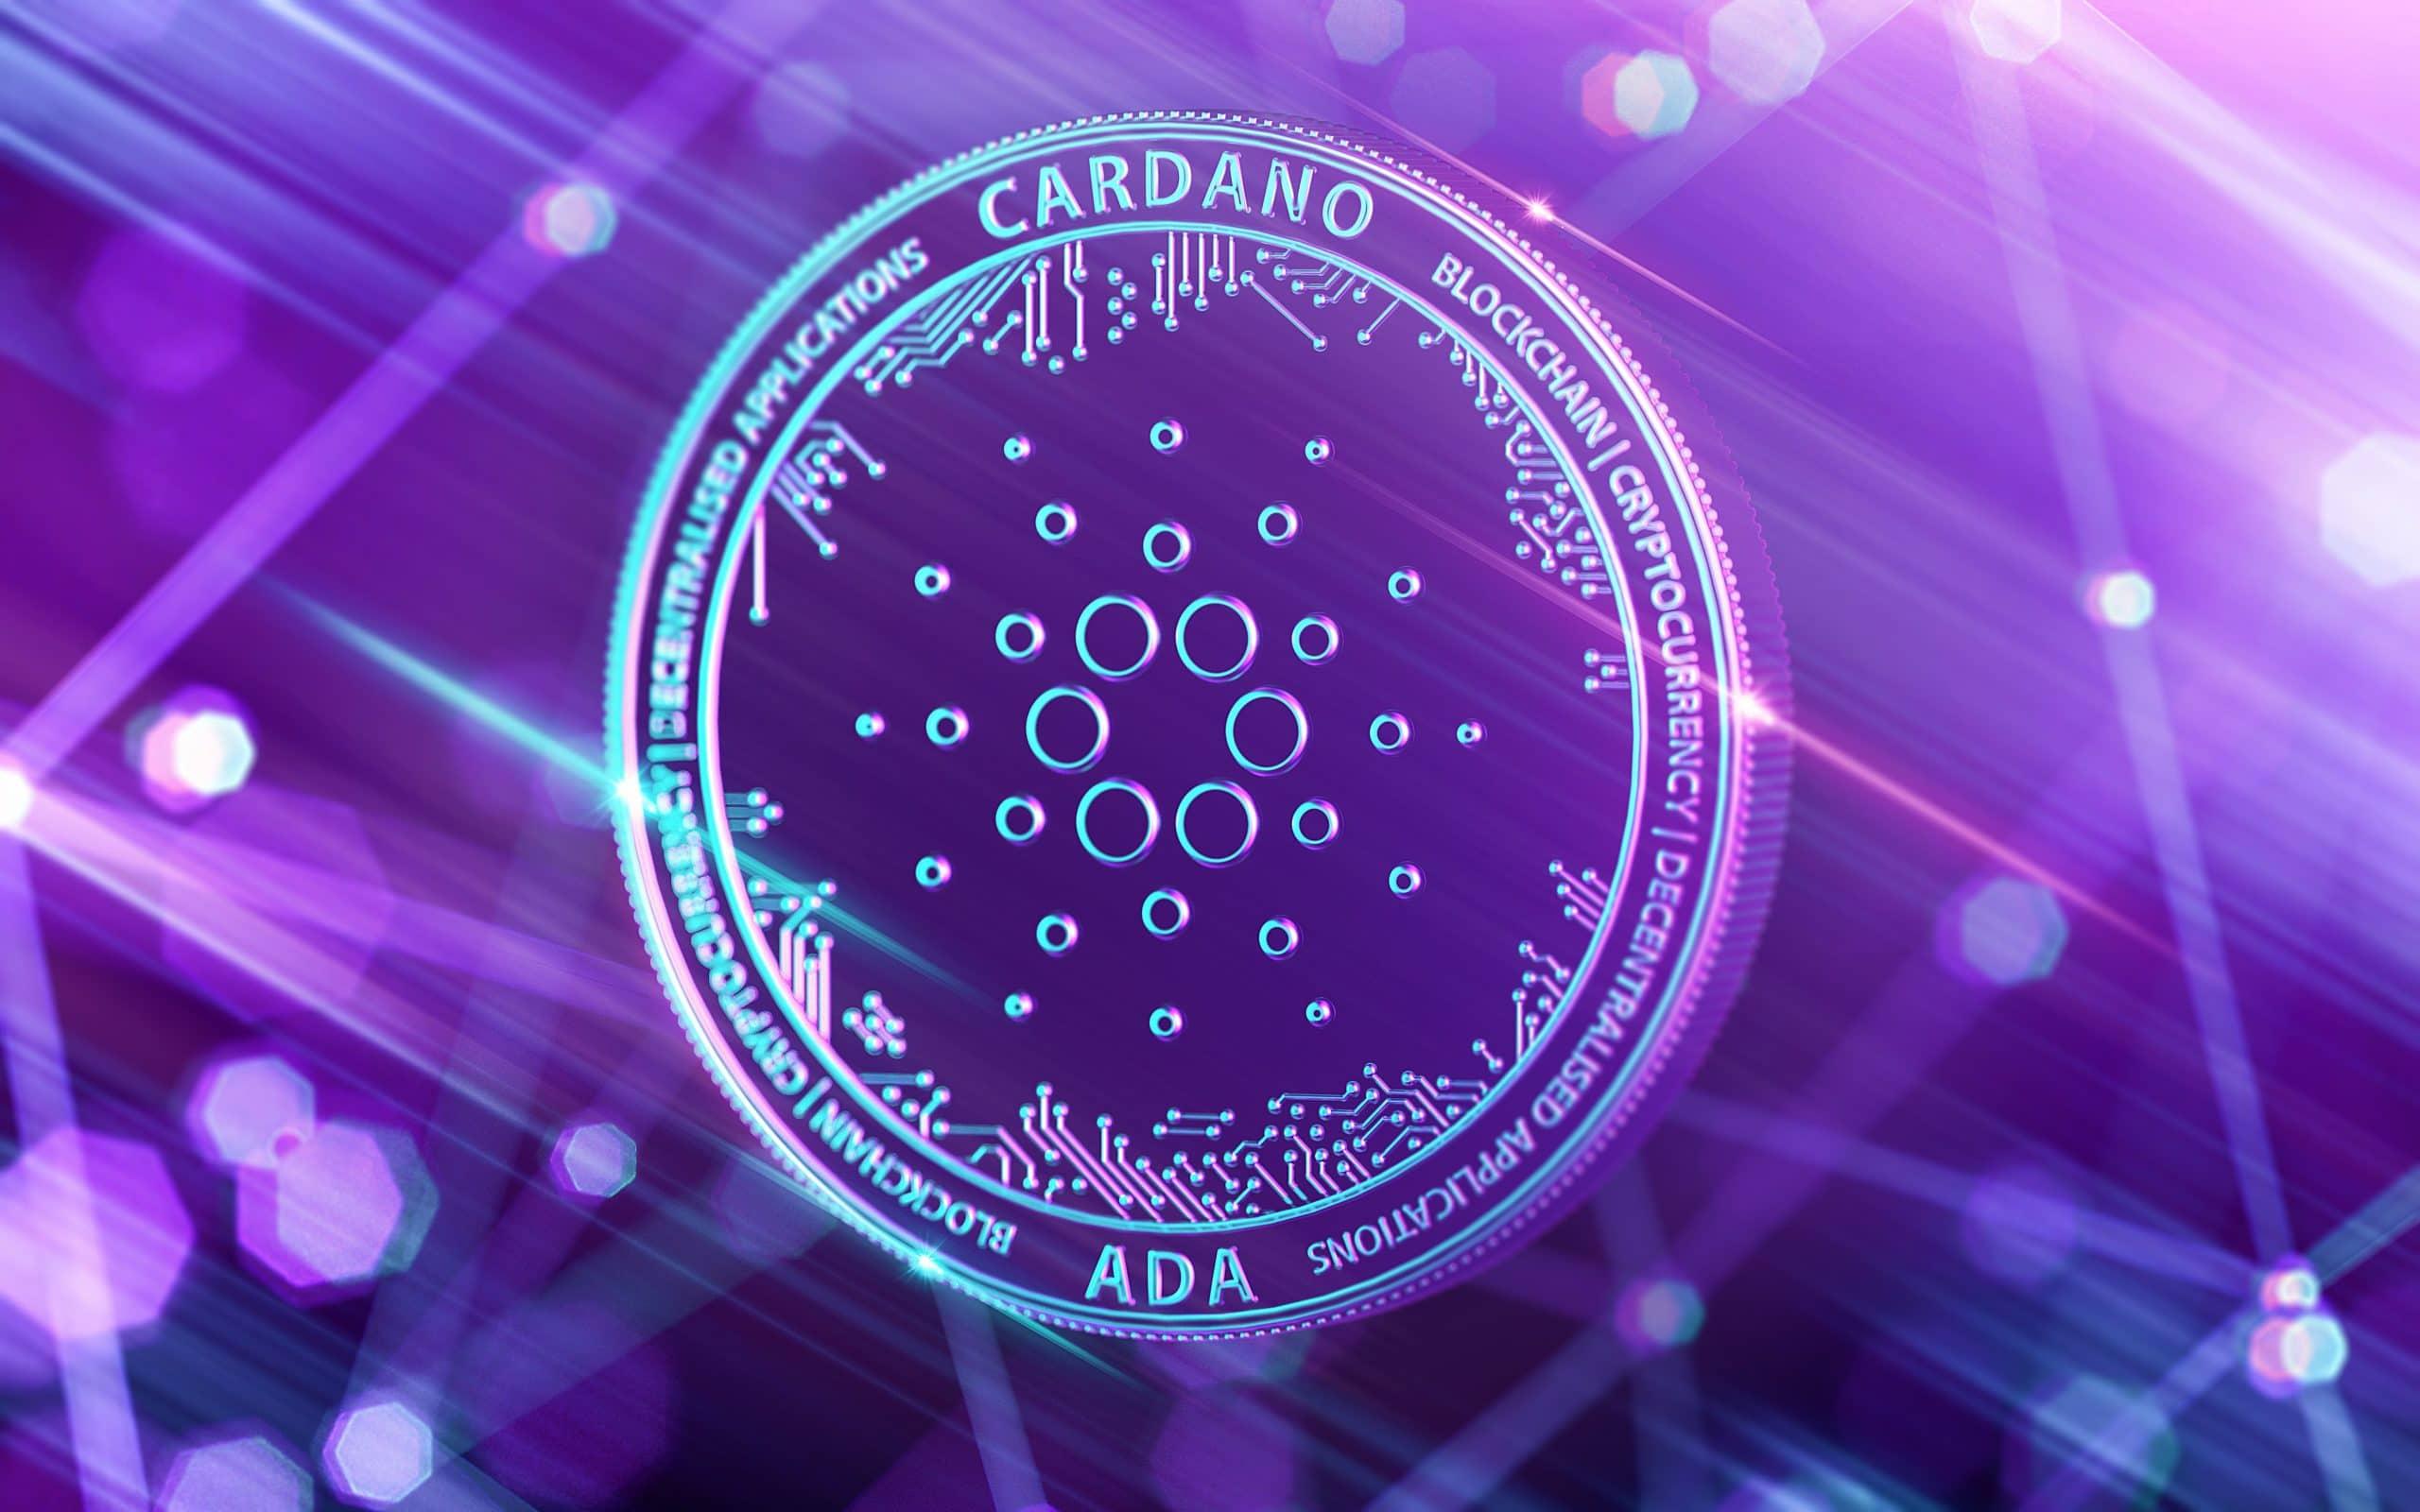 Cardano (ADA) Gözden Düşmeye Başladı: Bu Seviye Her Şeyi Bitirebilir